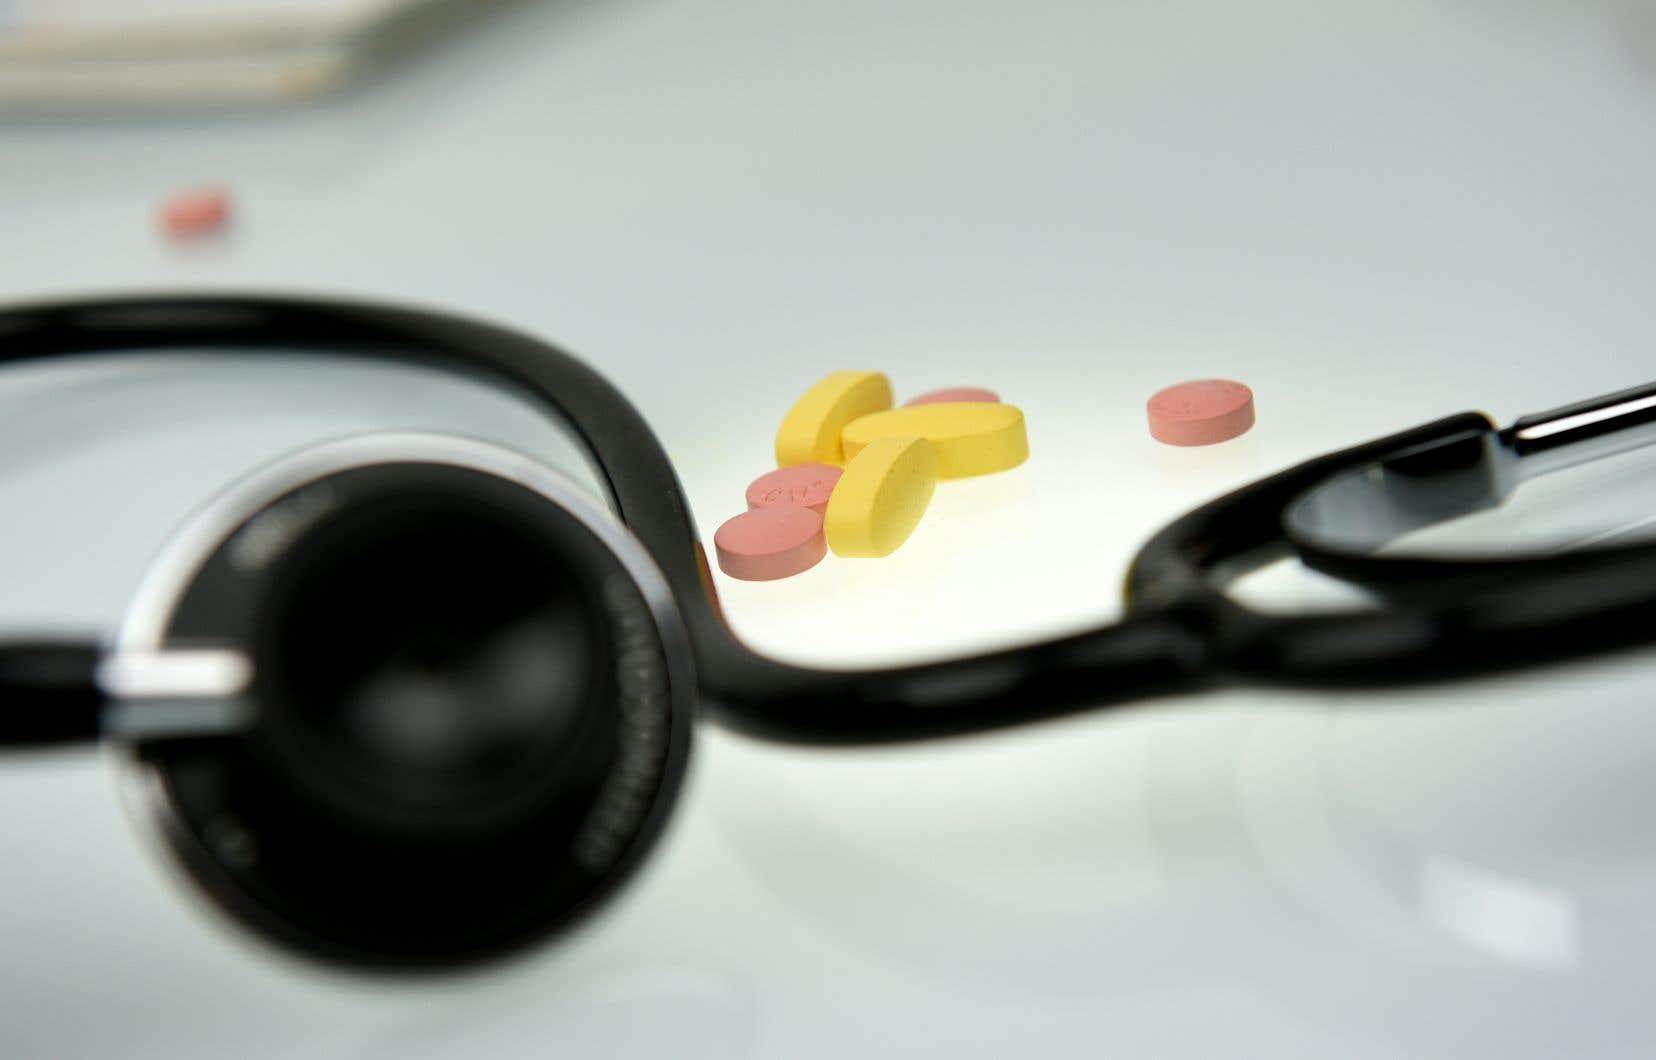 Un adulte sur onze dans le monde (425millions) est atteint de diabète.